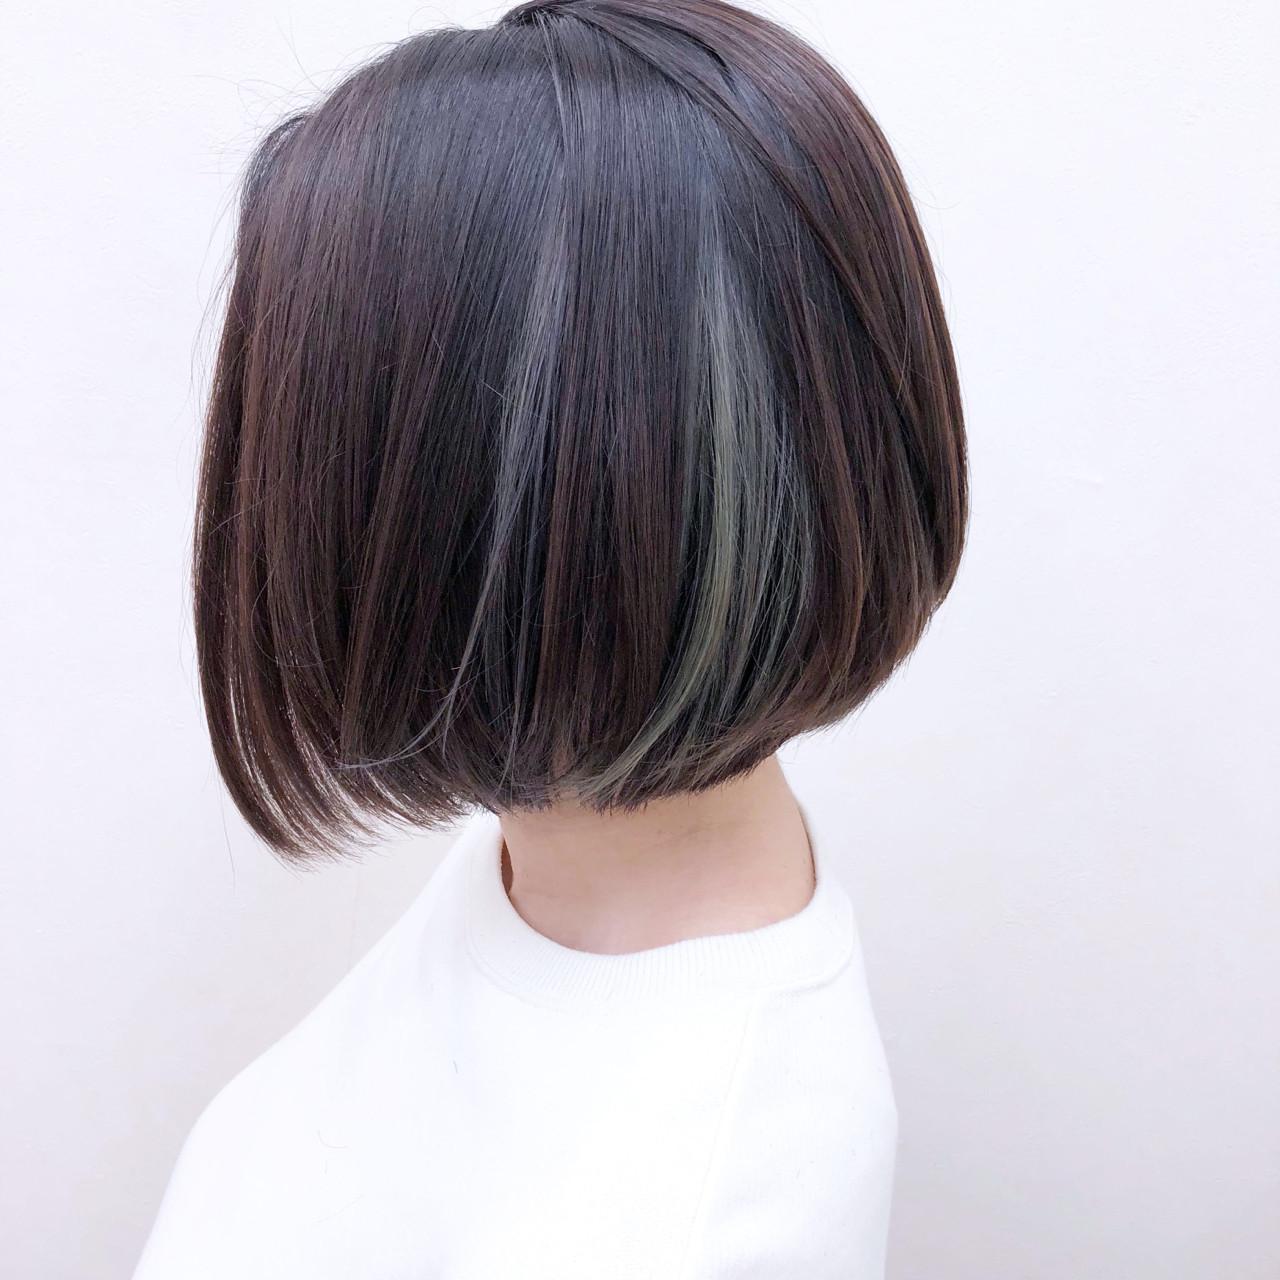 グレージュ インナーカラー 暗髪 ボブ ヘアスタイルや髪型の写真・画像